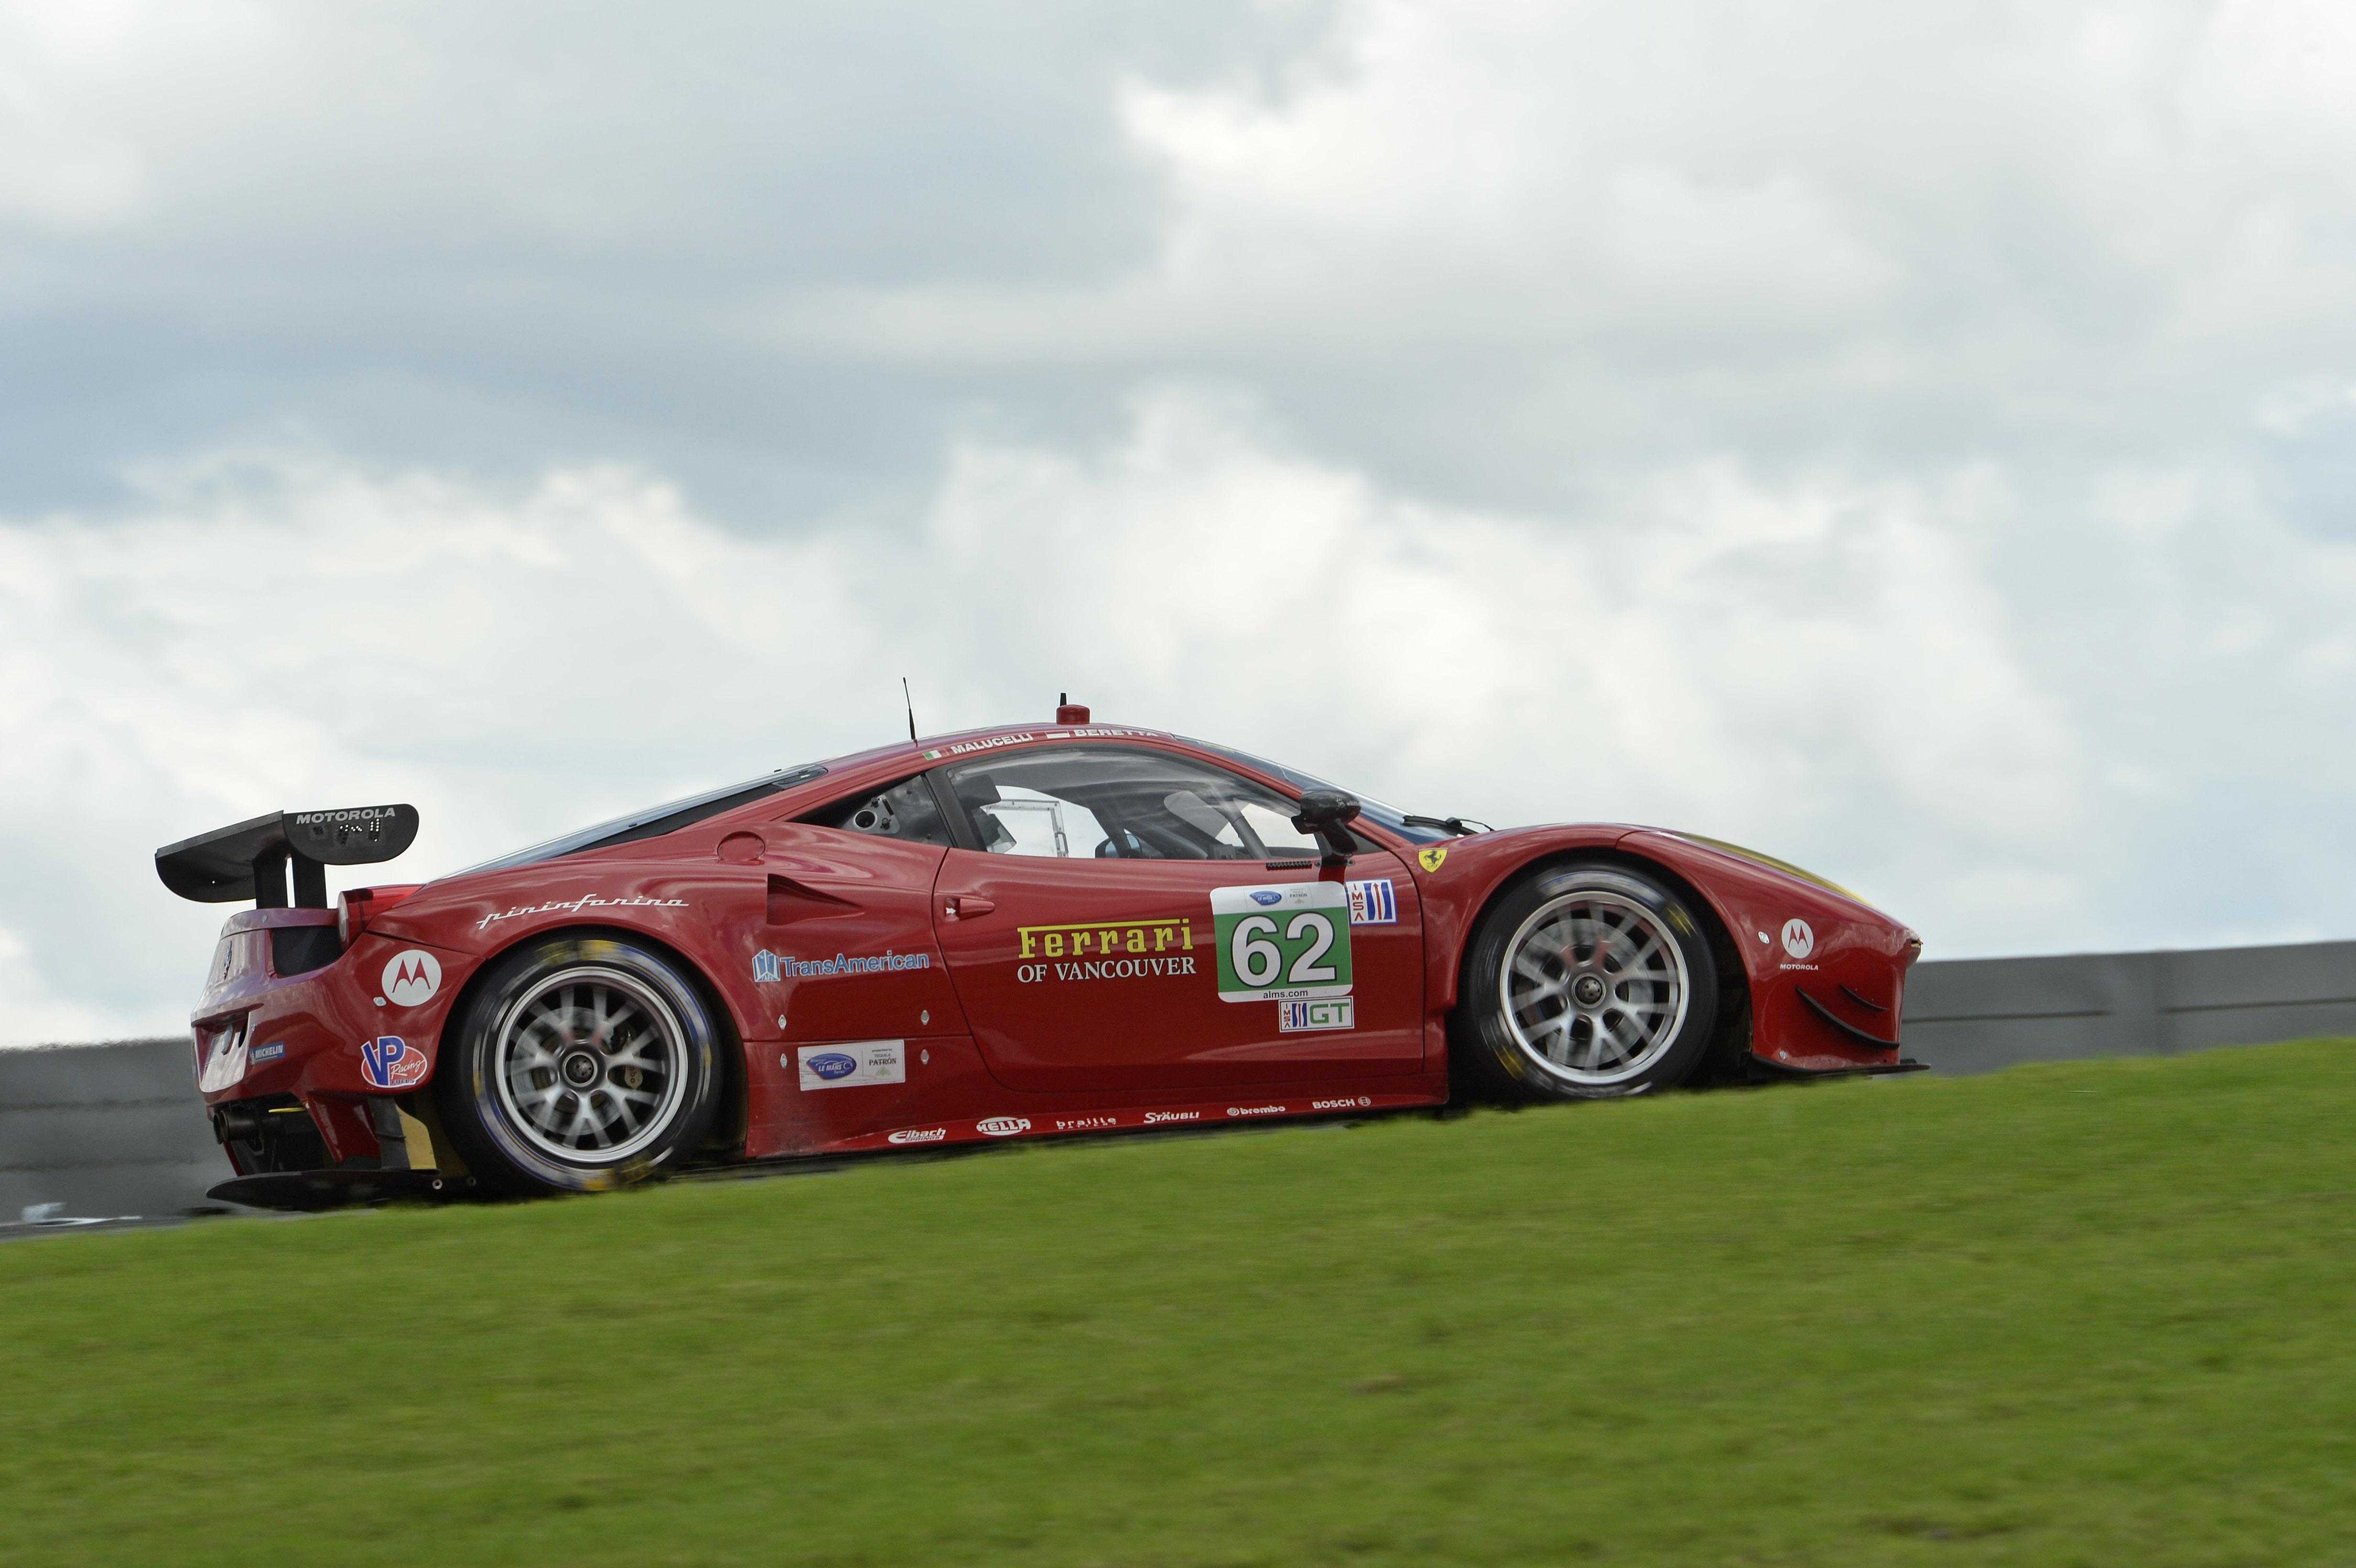 Ferrari a caccia di successi nell'ultima gara ALMS